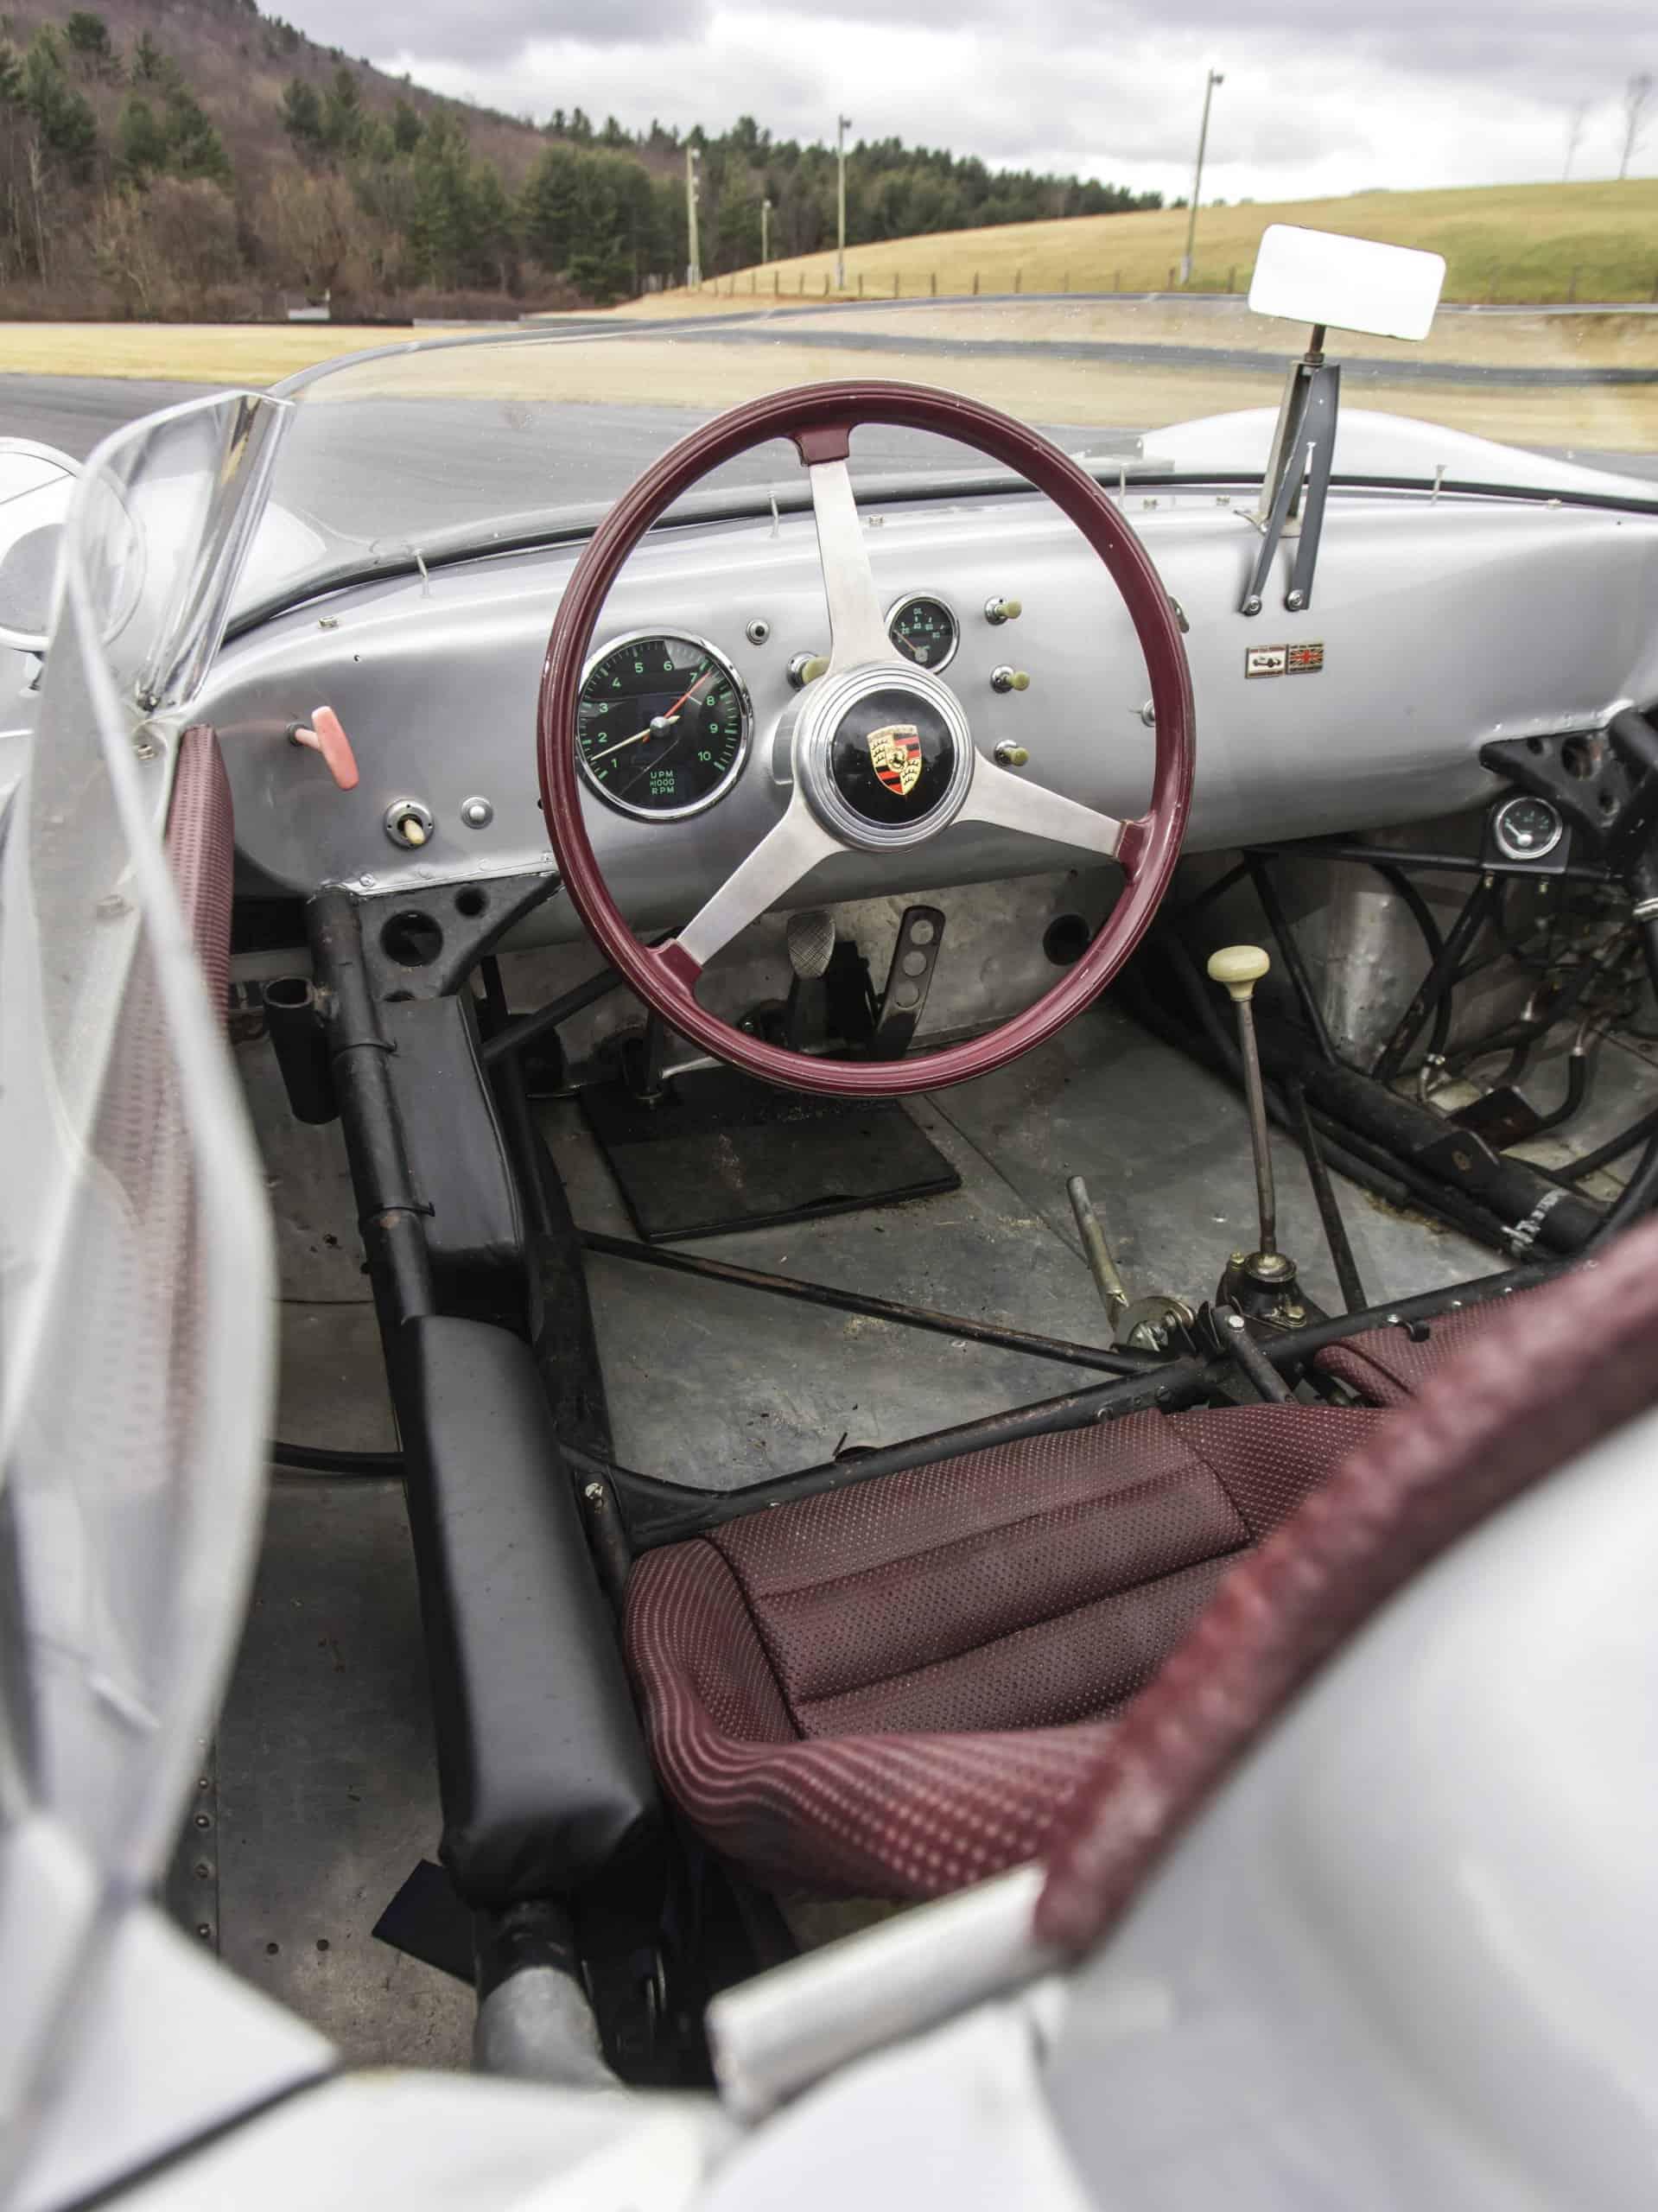 Petersen Car Week, Petersen Car Week will include Bonhams auction, ClassicCars.com Journal